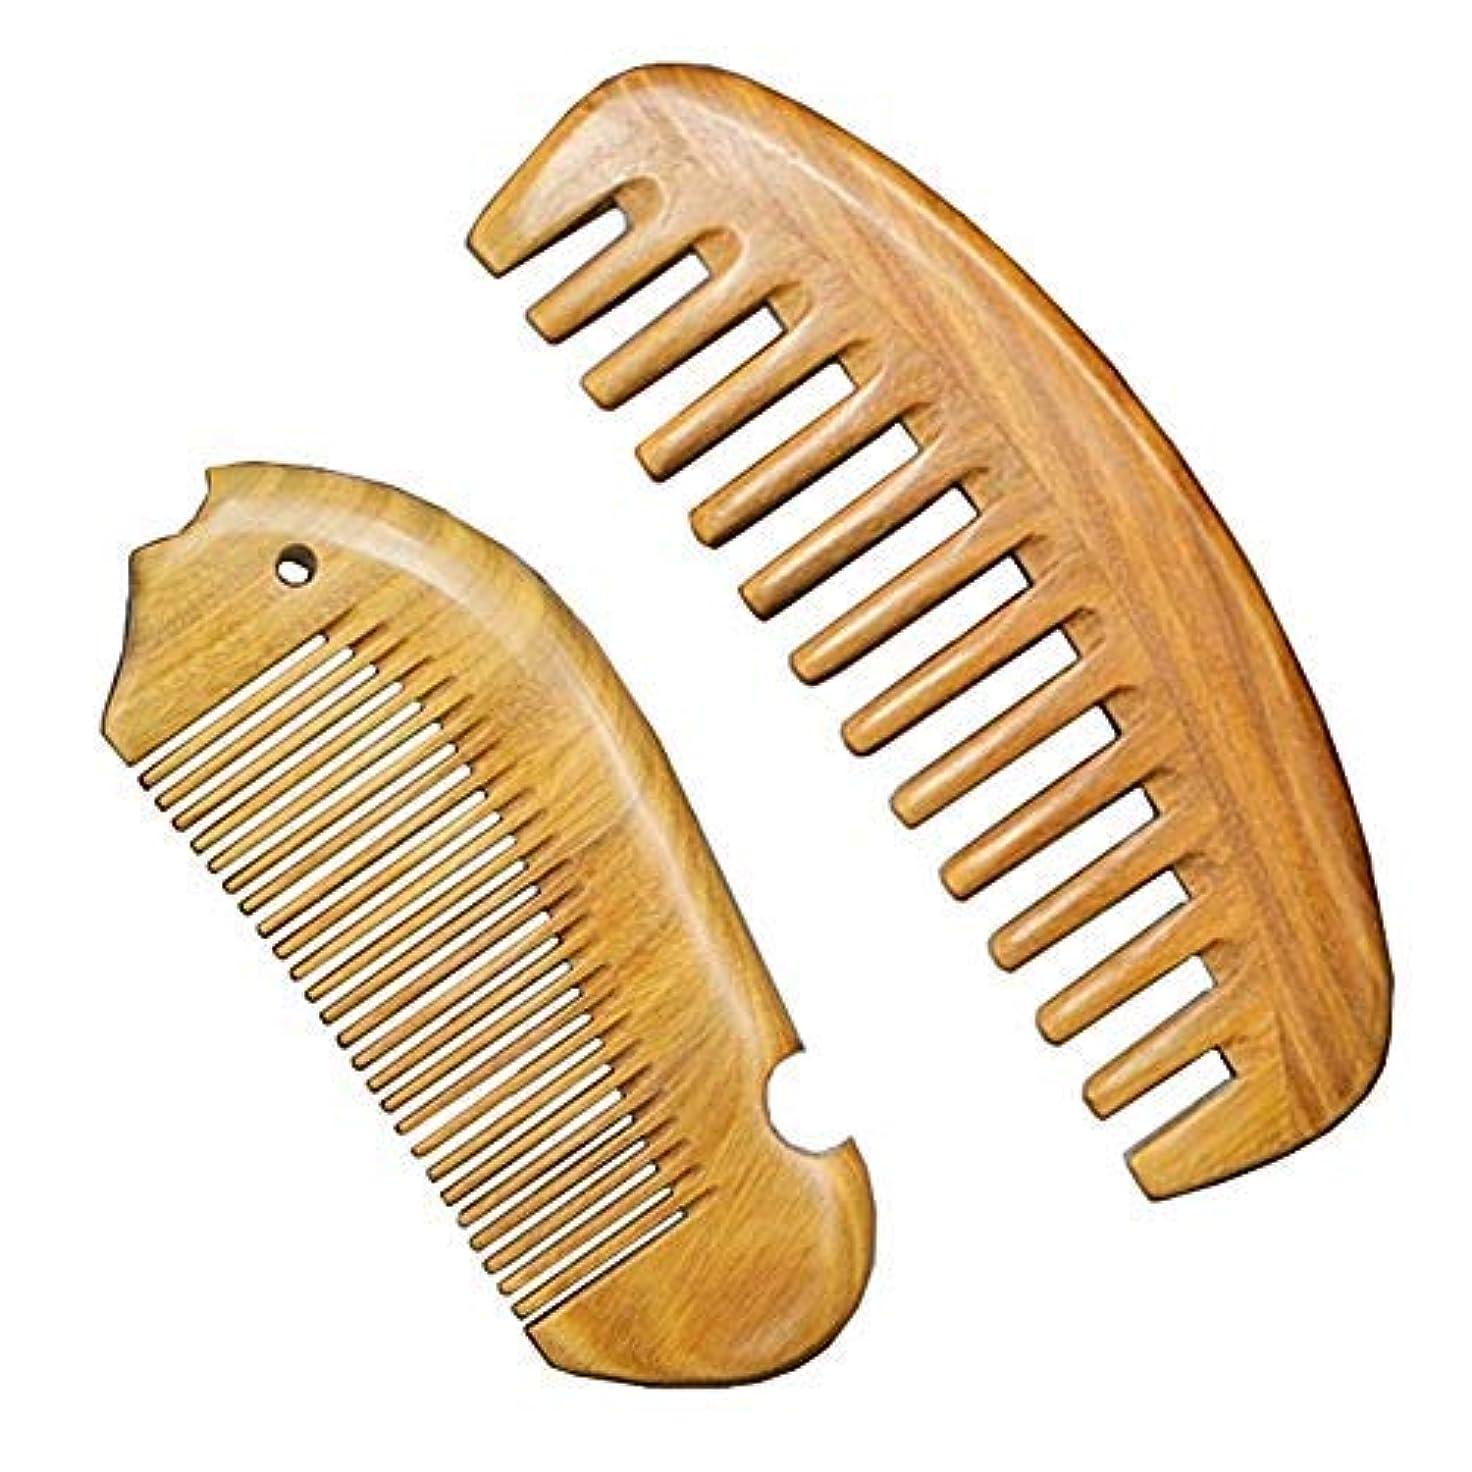 交じる音節解読するSandalwood Hair Combs Set - Anti-Static Sandalwood Scent Natural Hair Detangler Wooden Comb (Wide Tooth & Fine...